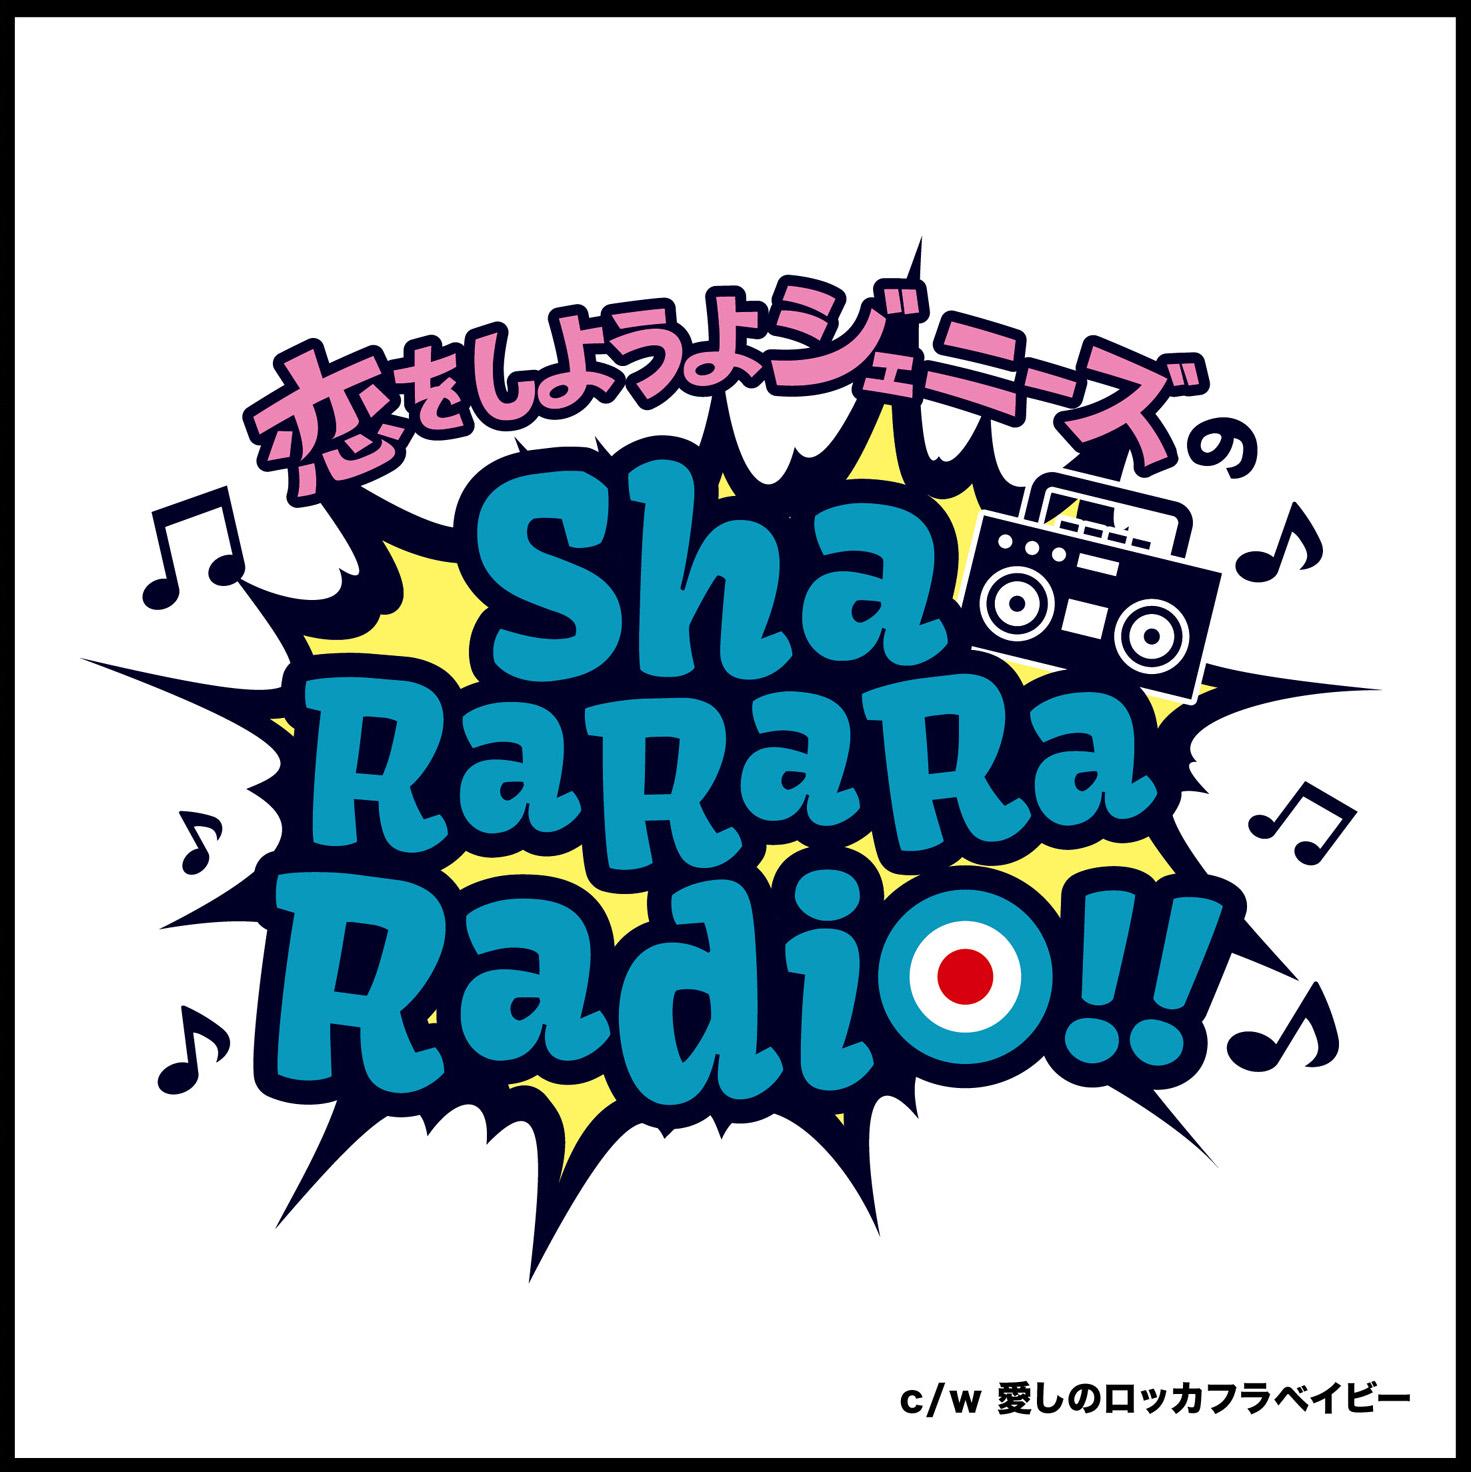 059_恋をしようよジェニーズSha Ra Ra Ra Radio!!